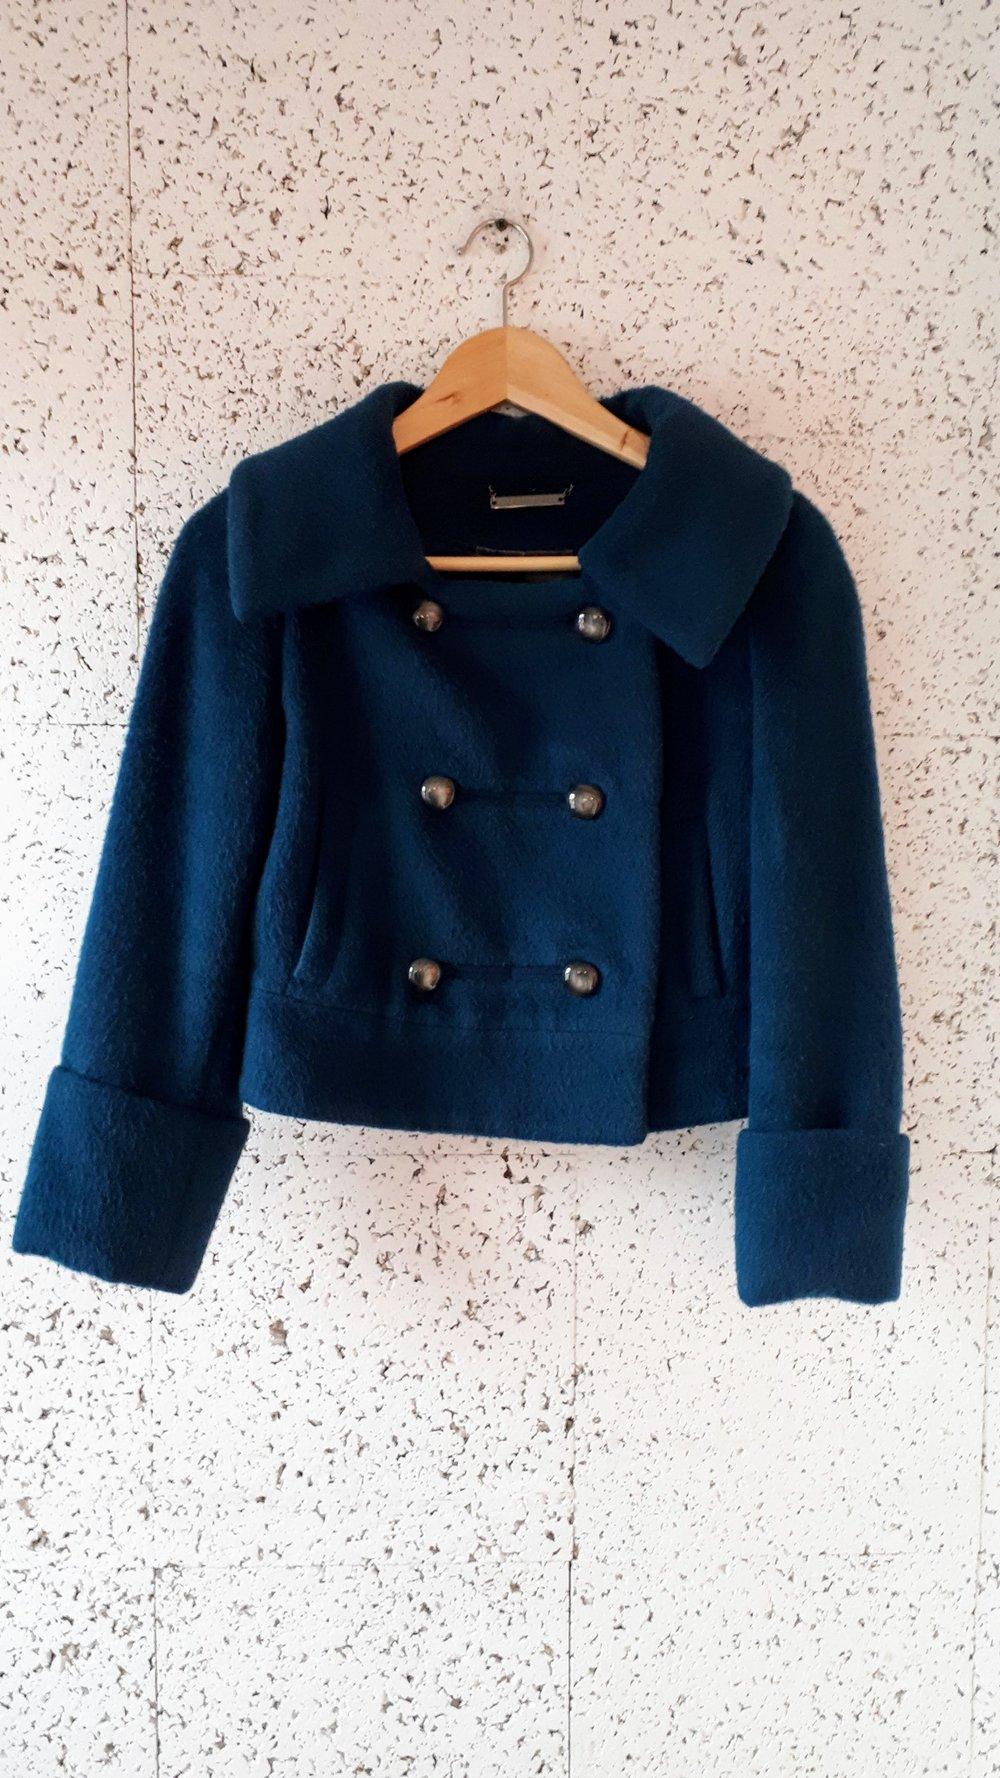 Diane Von Furstenberg coat; Size S, $185